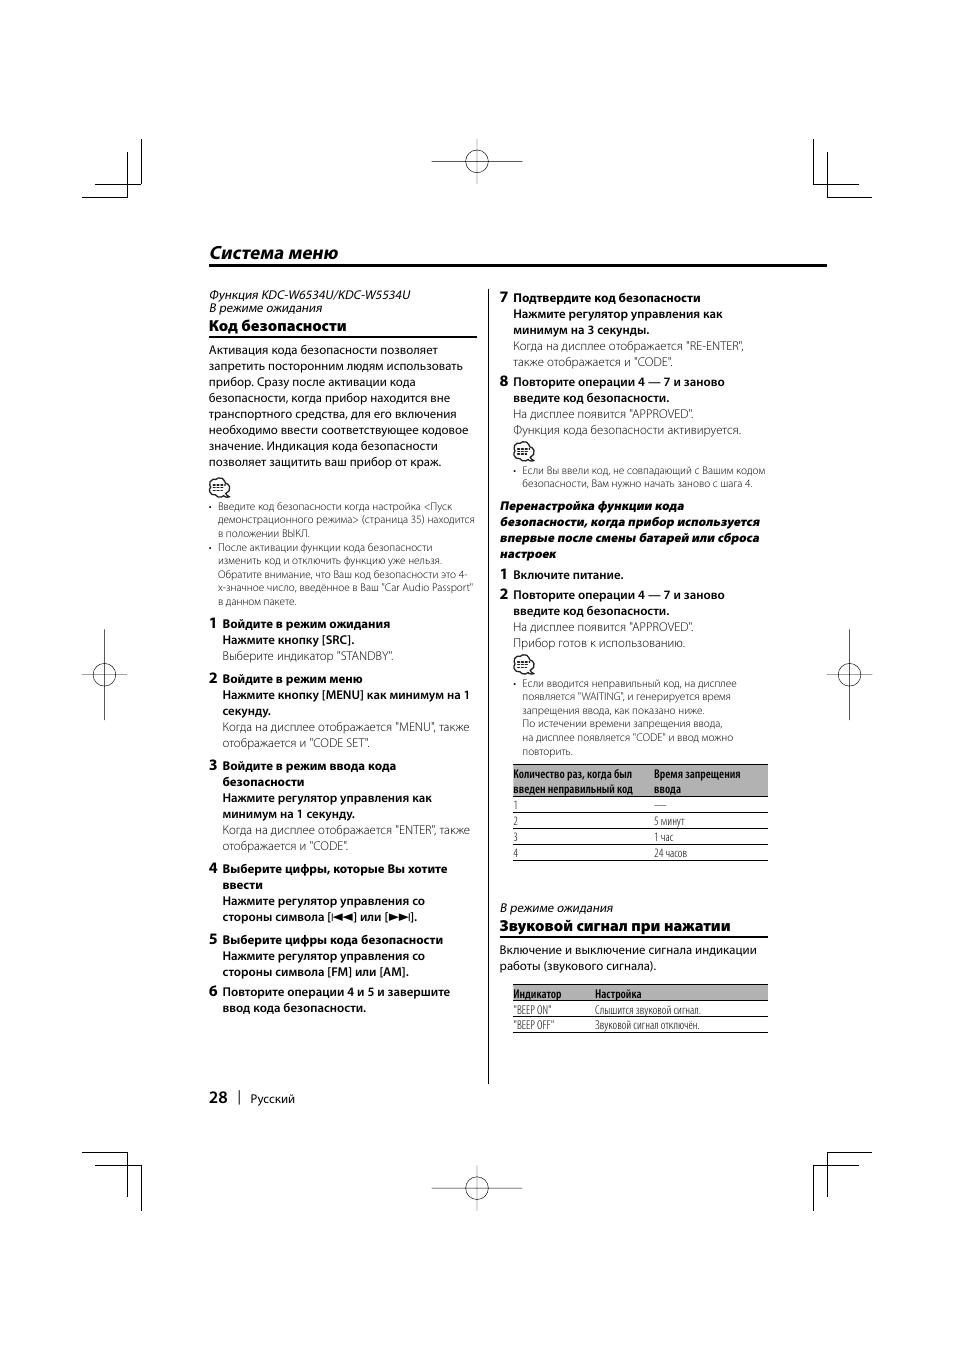 Инструкцию по эксплуатации kenwood